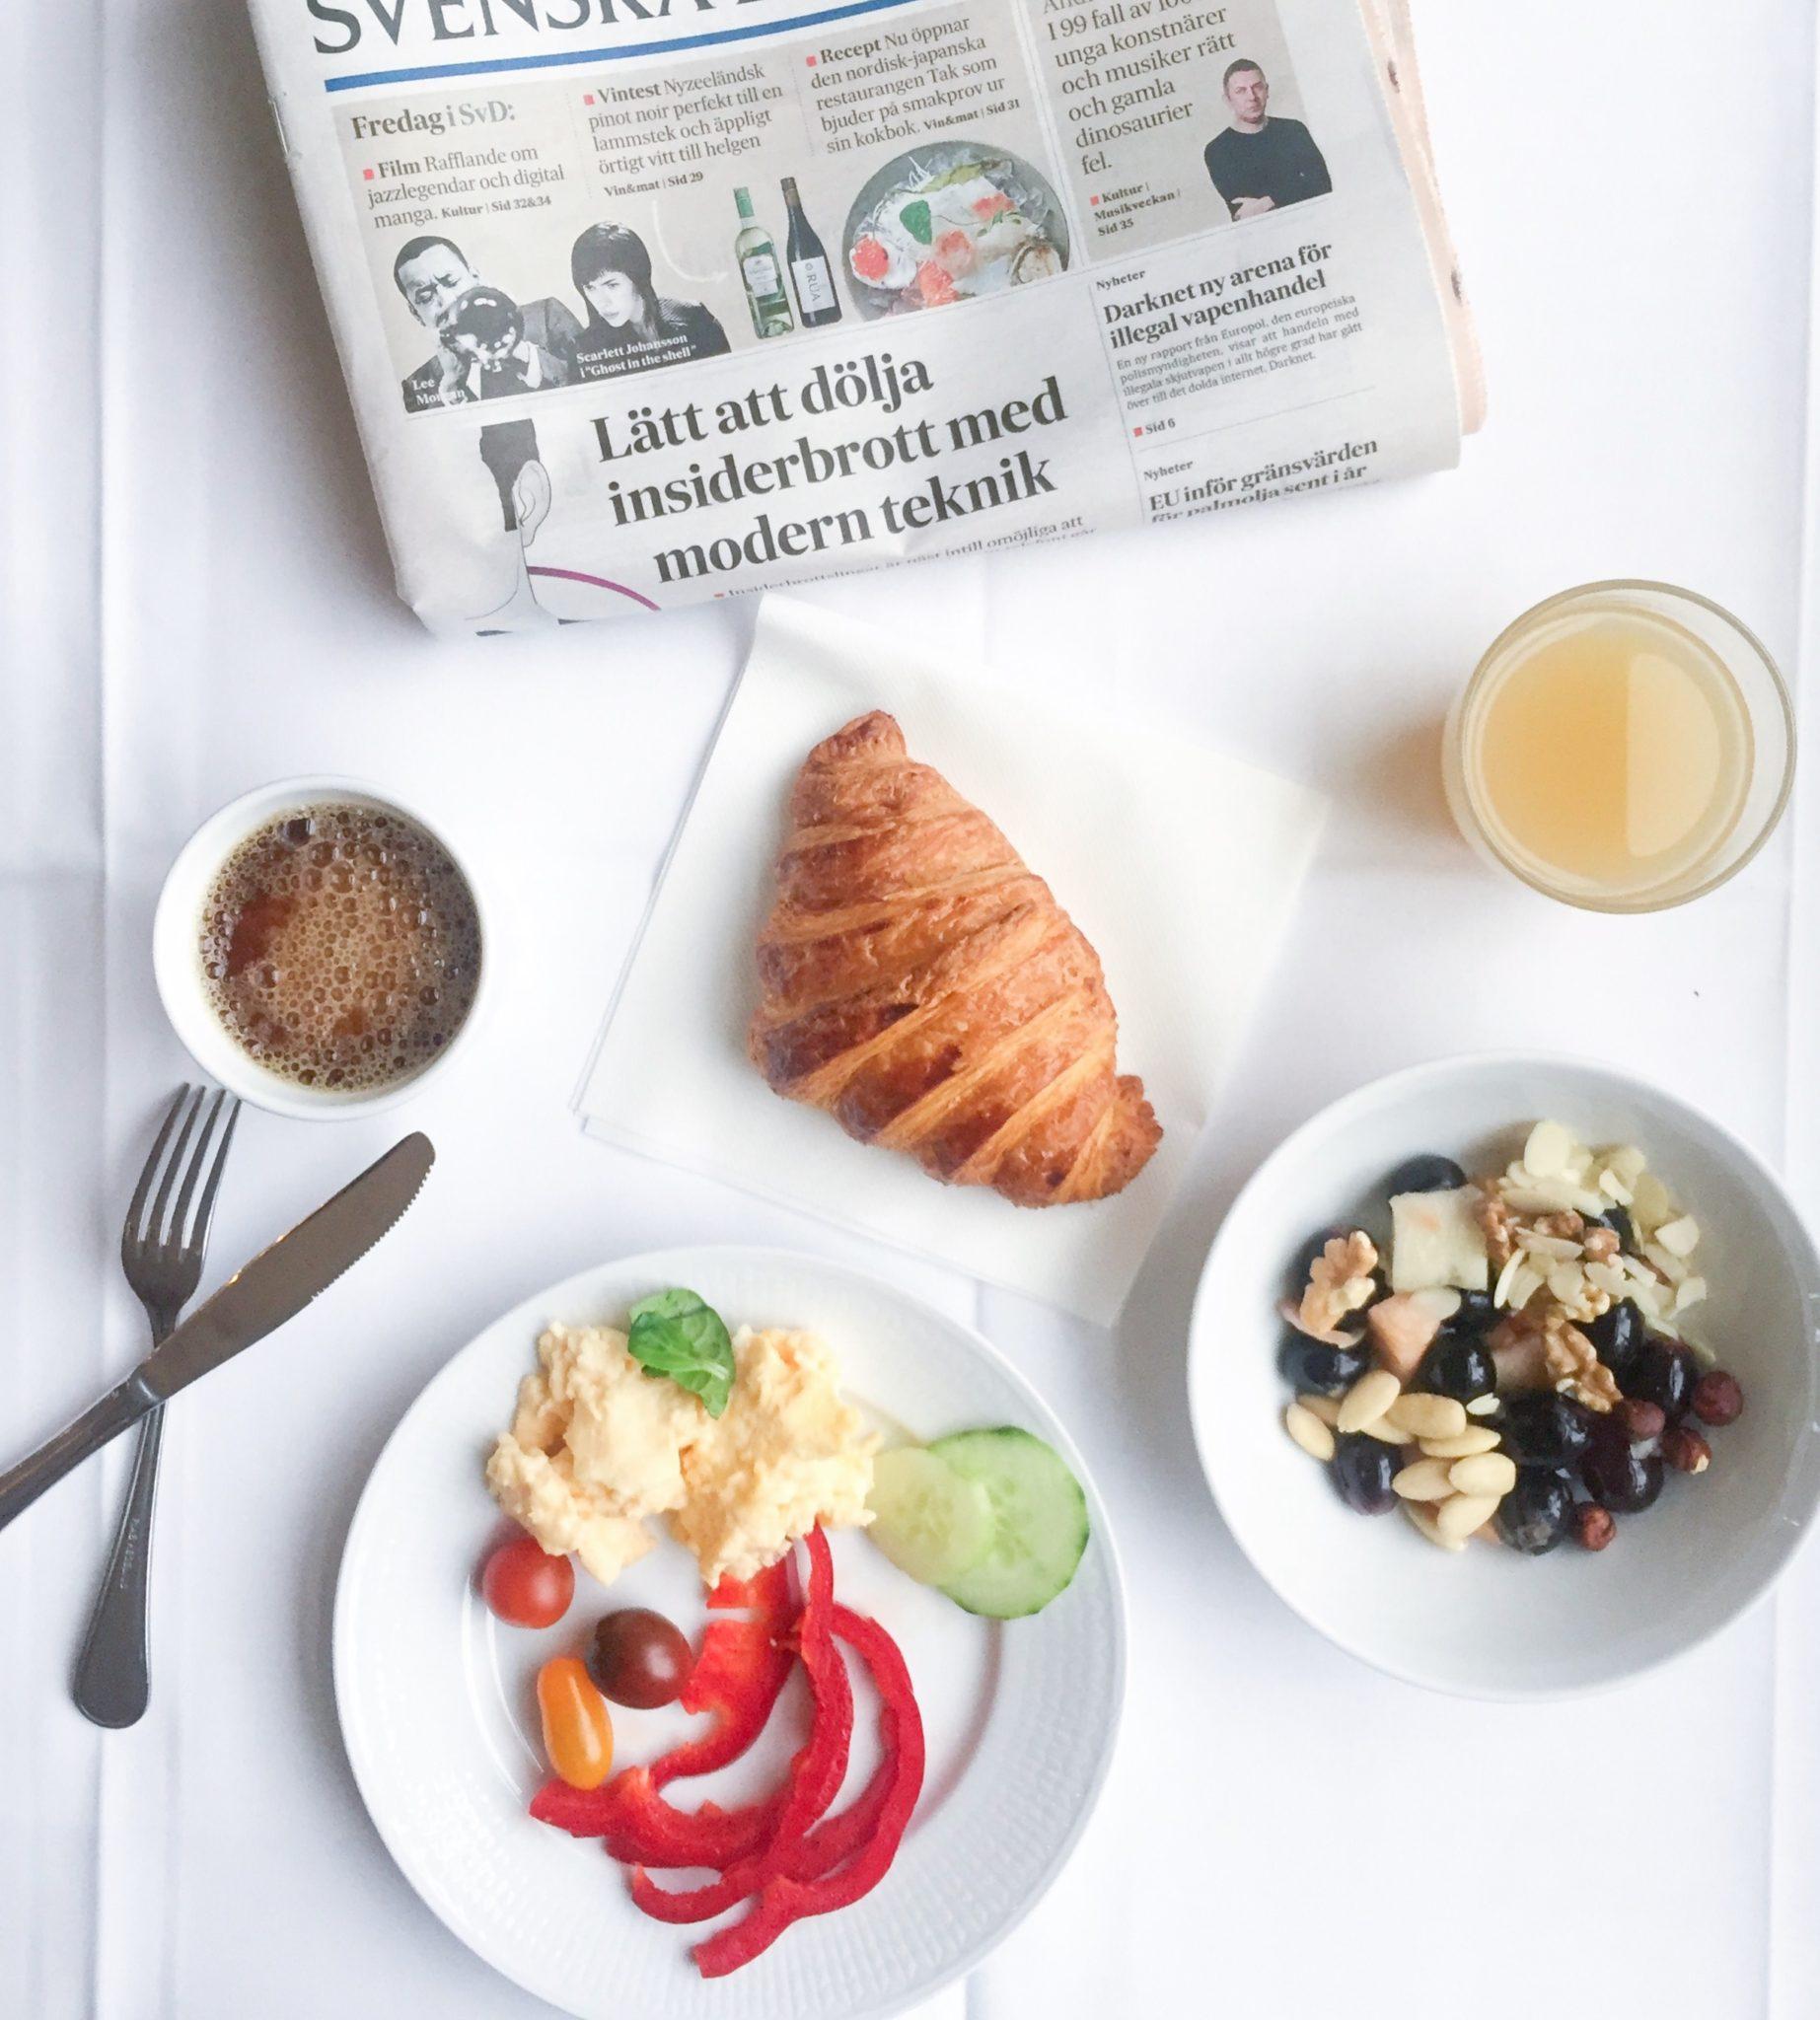 Morgenmad / frukost på Grand Hotel Saltsjöbaden med croissant, kaffe, juice og vegetariske lækkerier.